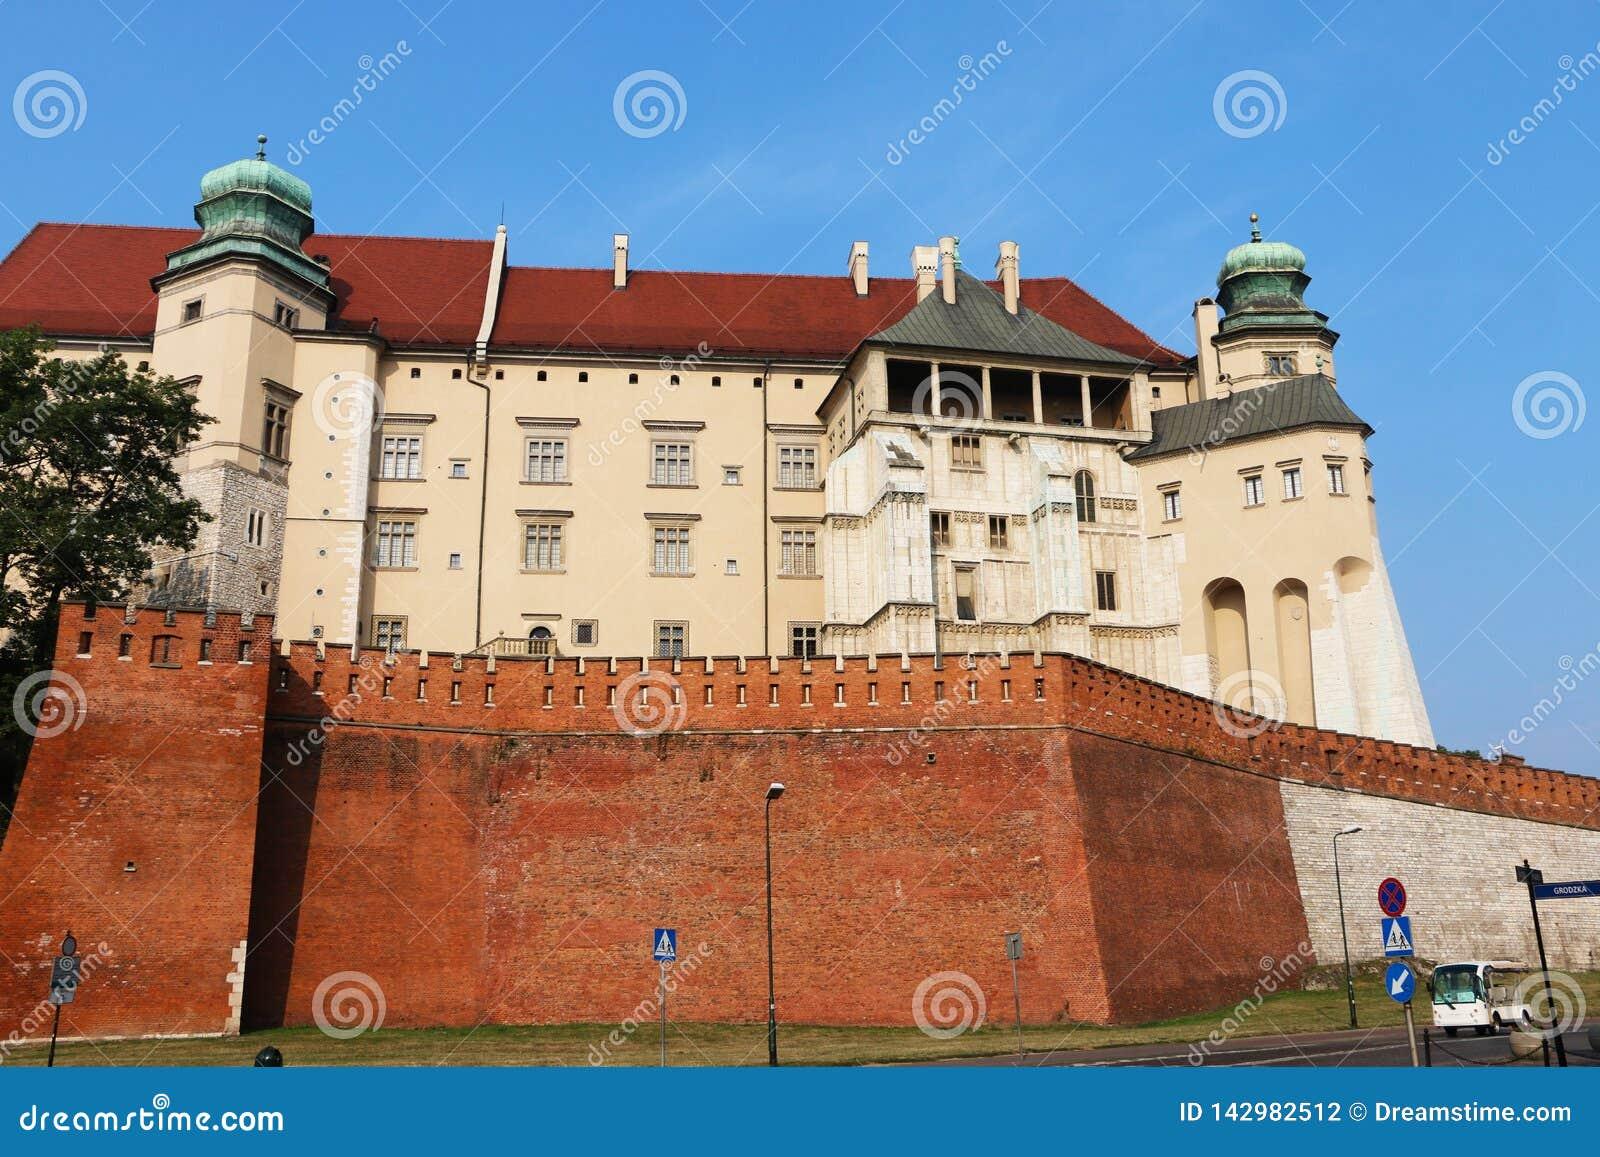 Ciudad histórica de Kraków en el corazón de Polonia